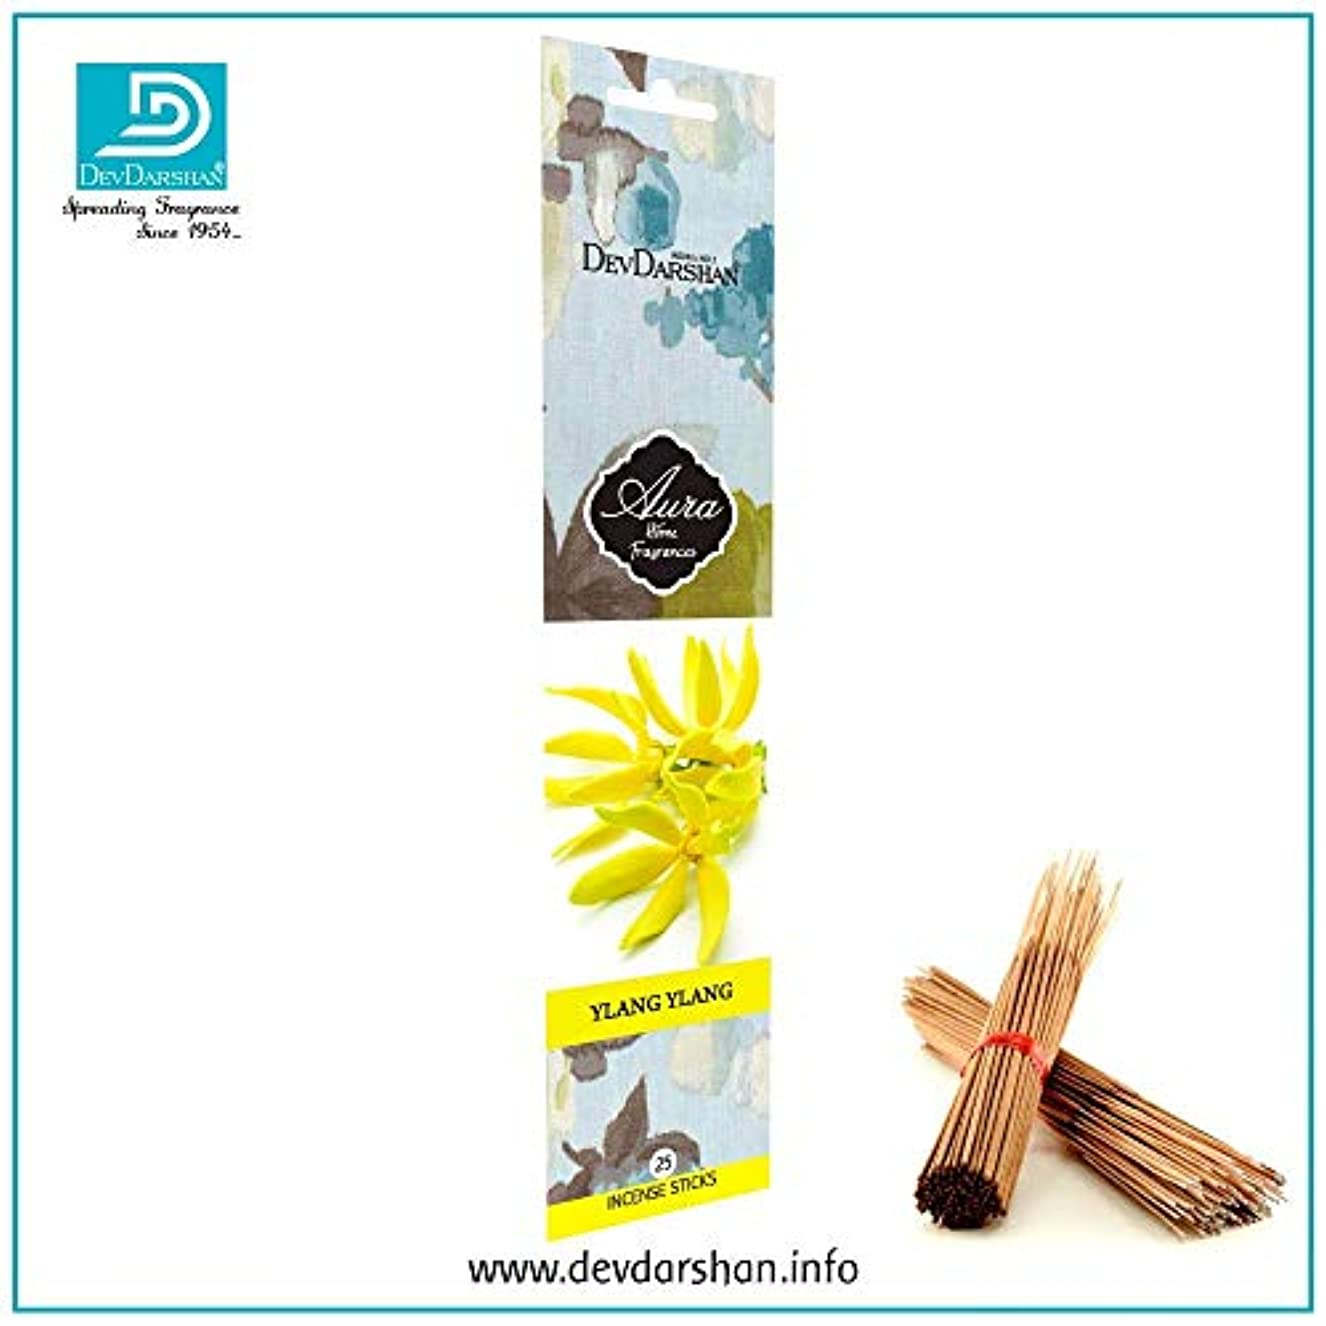 オーガニック発生器代替Devdarshan Aura Ylang Ylang 3 Packs of 25 Incense Stick Each